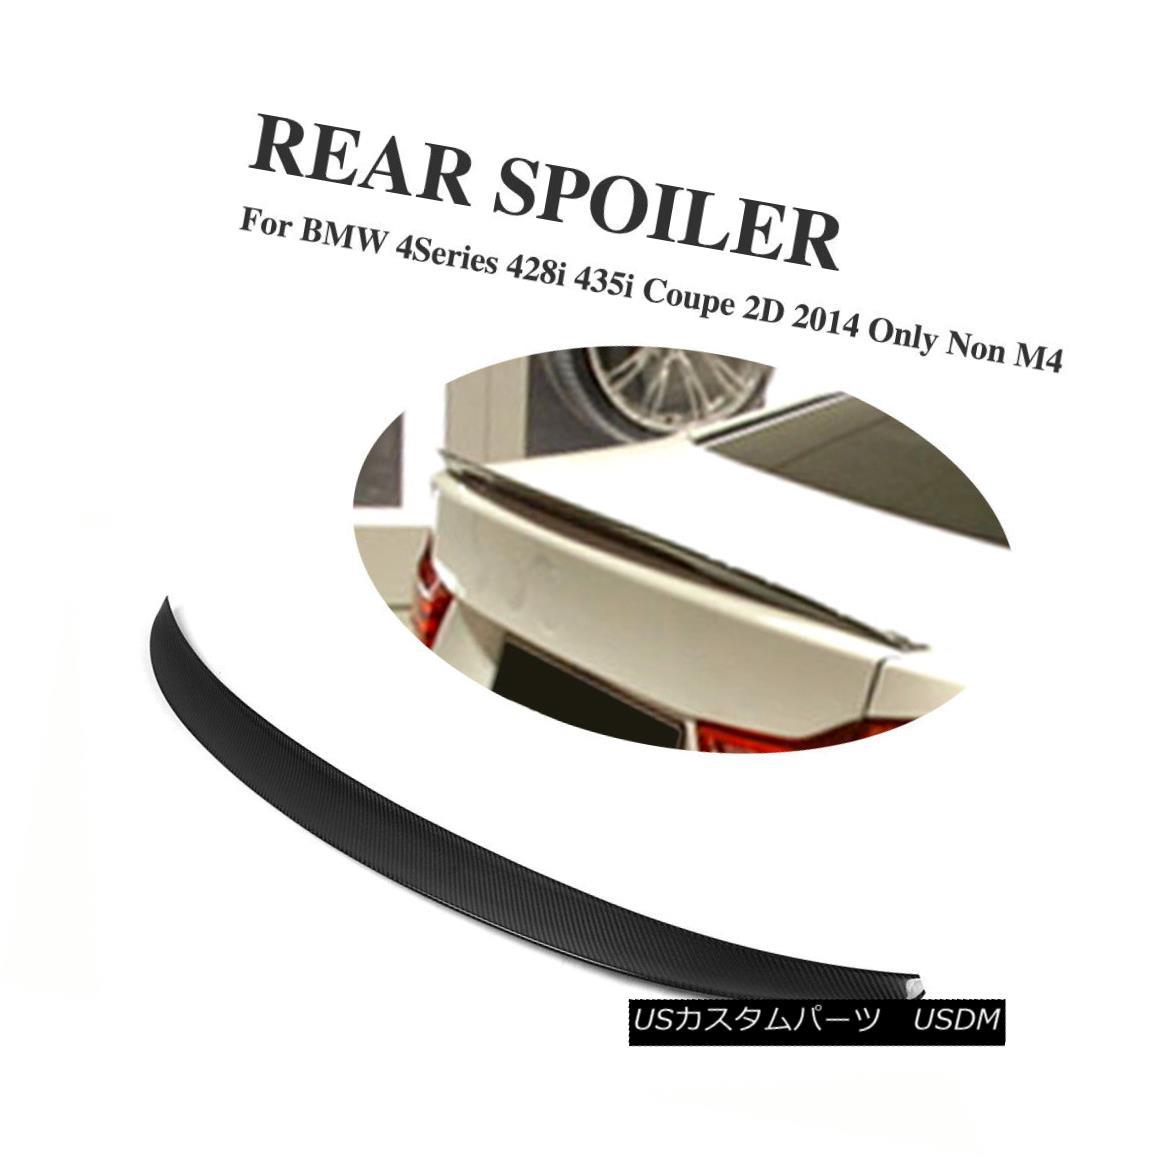 エアロパーツ Rear Boot Trunk Spoiler Wing Lip Carbon Fiber Fit for 2014 BMW F32 Coupe Non-M4 2014年のBMW F32クーペ非M4のためのリアブートトランクスポイラーウィングリップ炭素繊維のフィット